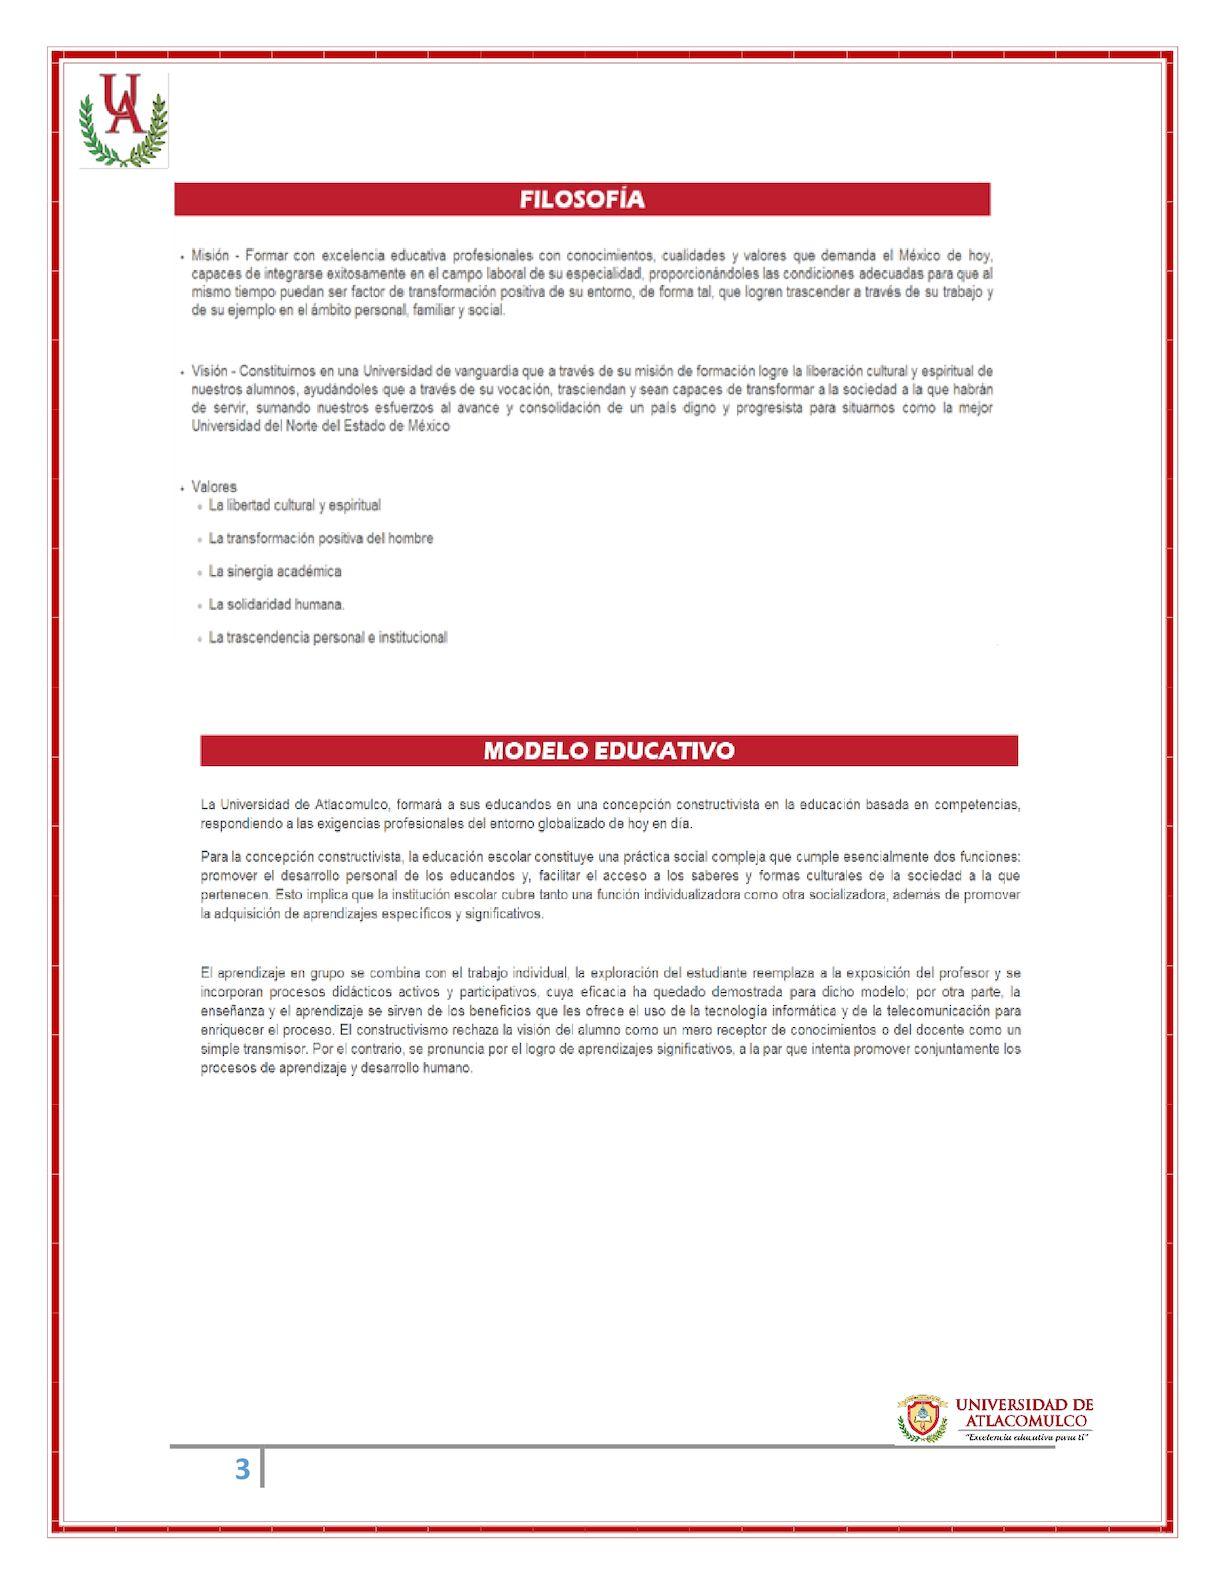 DERECHO AGRARIO - CALAMEO Downloader